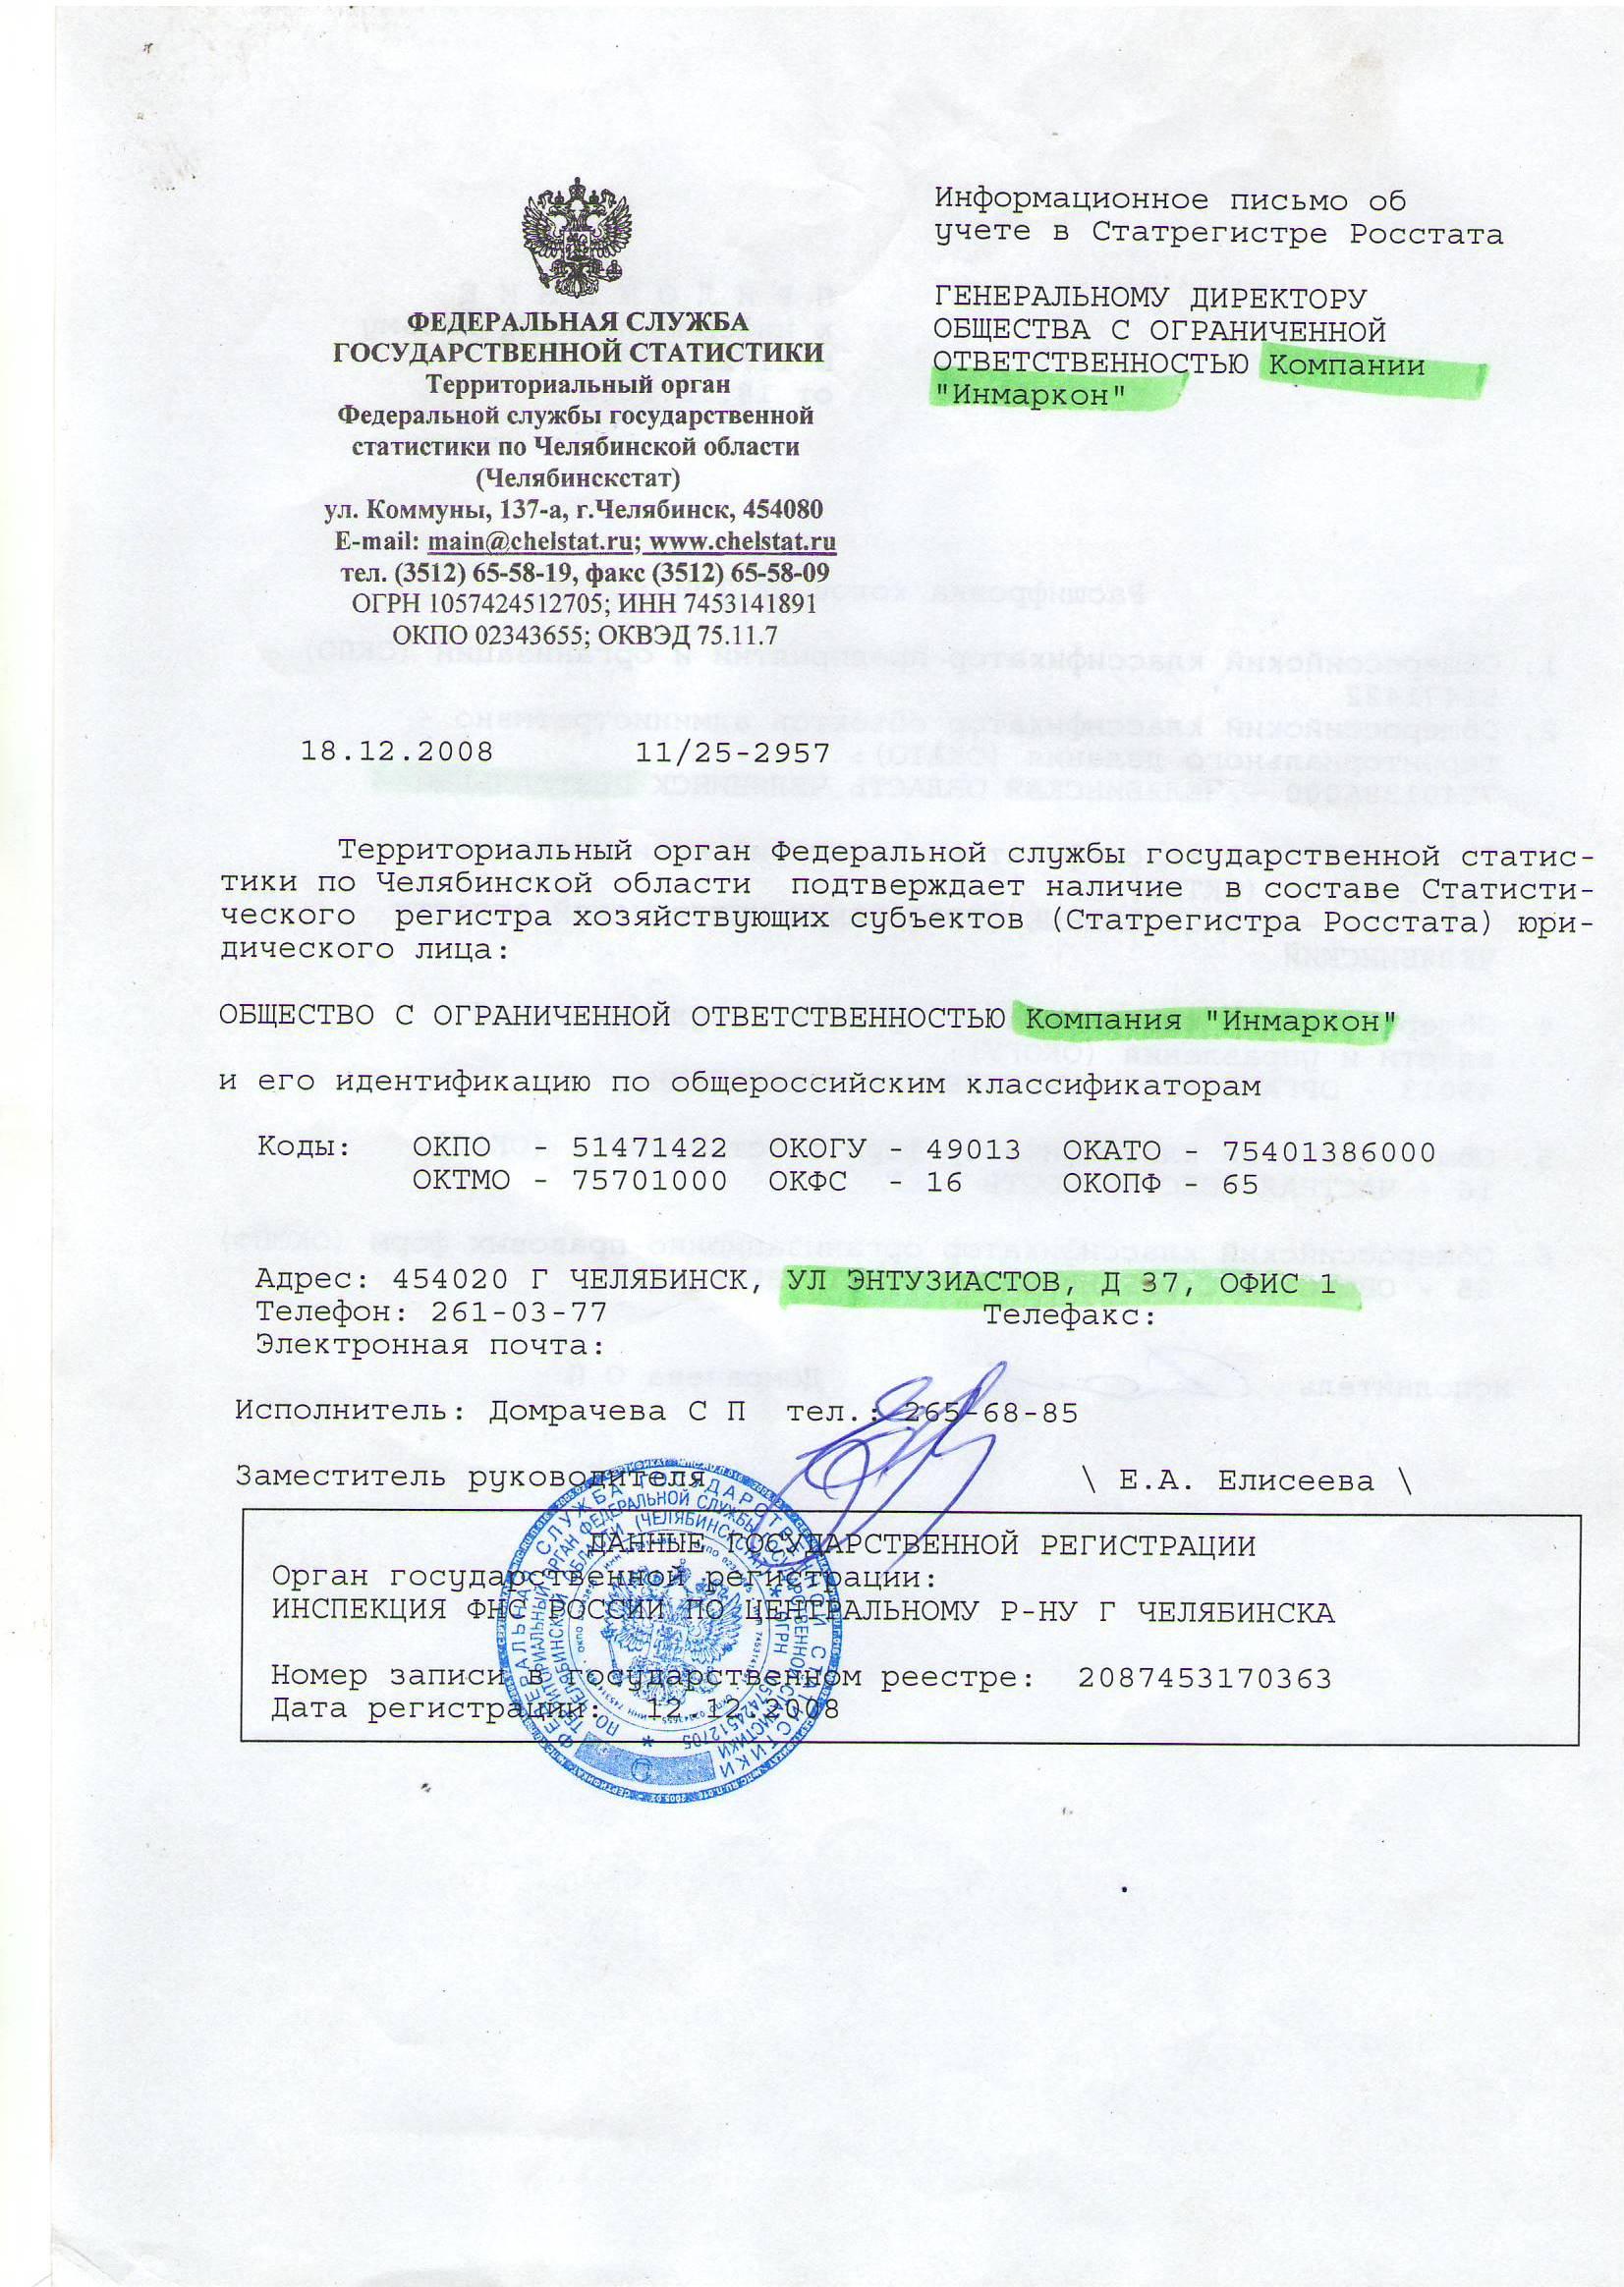 Регистрация ооо челябинск центральный какие документы должен получить после регистрации ооо